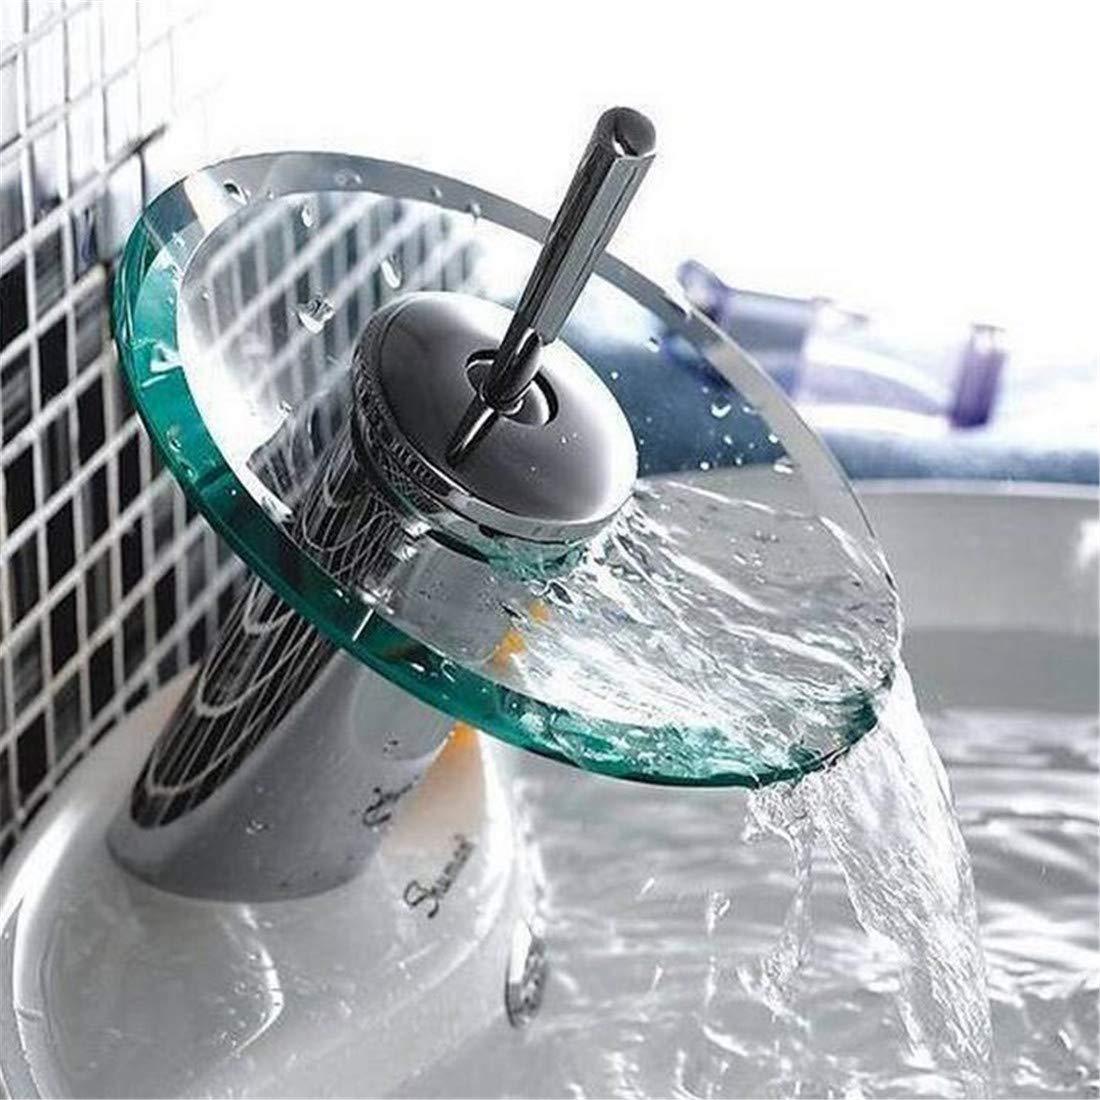 Vintage Messing 360 Grad Rotationshipping Einlochmontage Waschbecken Wasserhahn Mit Chrom Poliert Badezimmer Becken